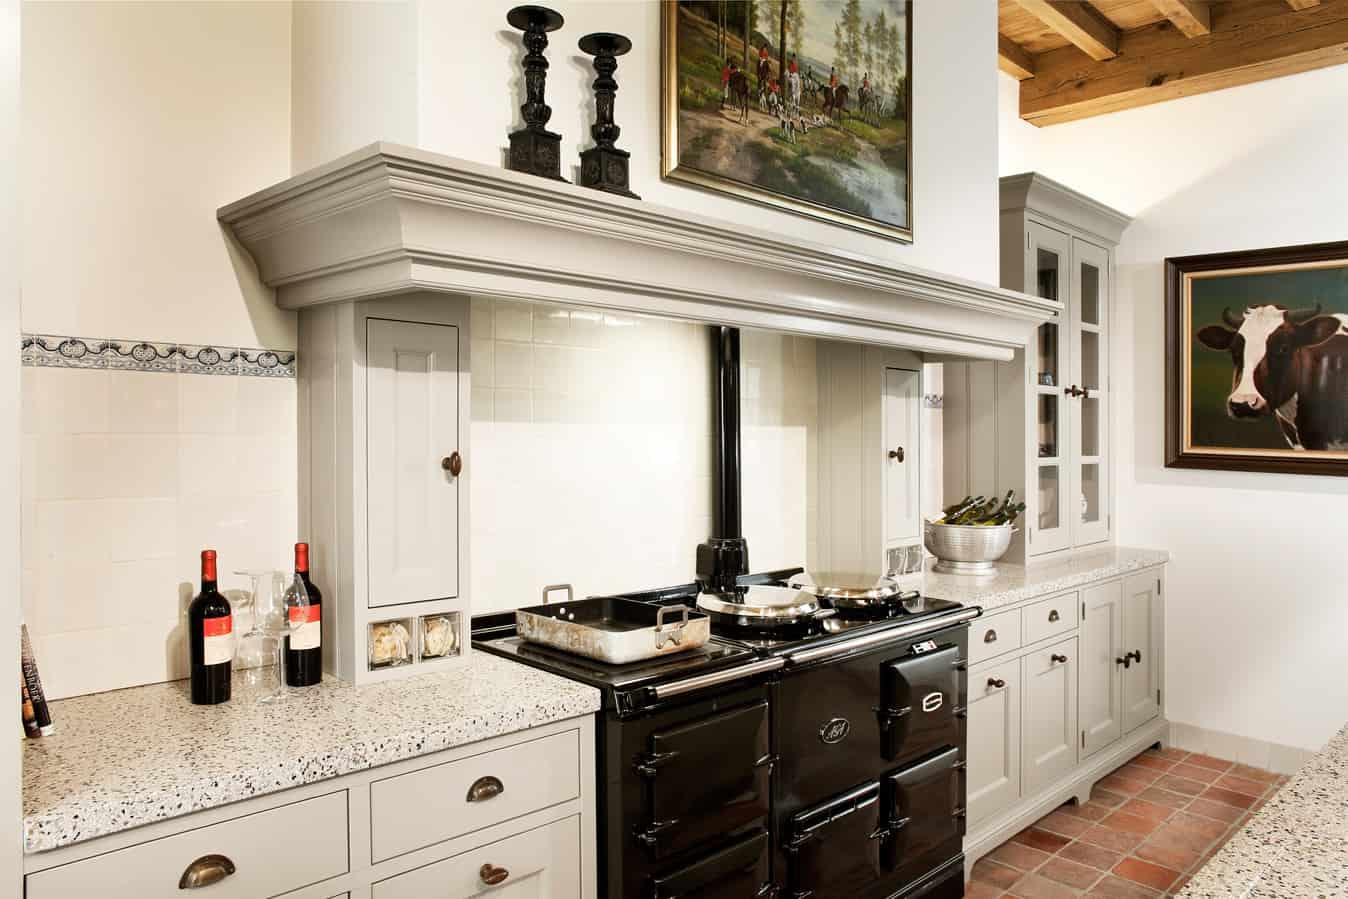 Porselein spoelbak keuken top granieten werkblad een porseleinen of